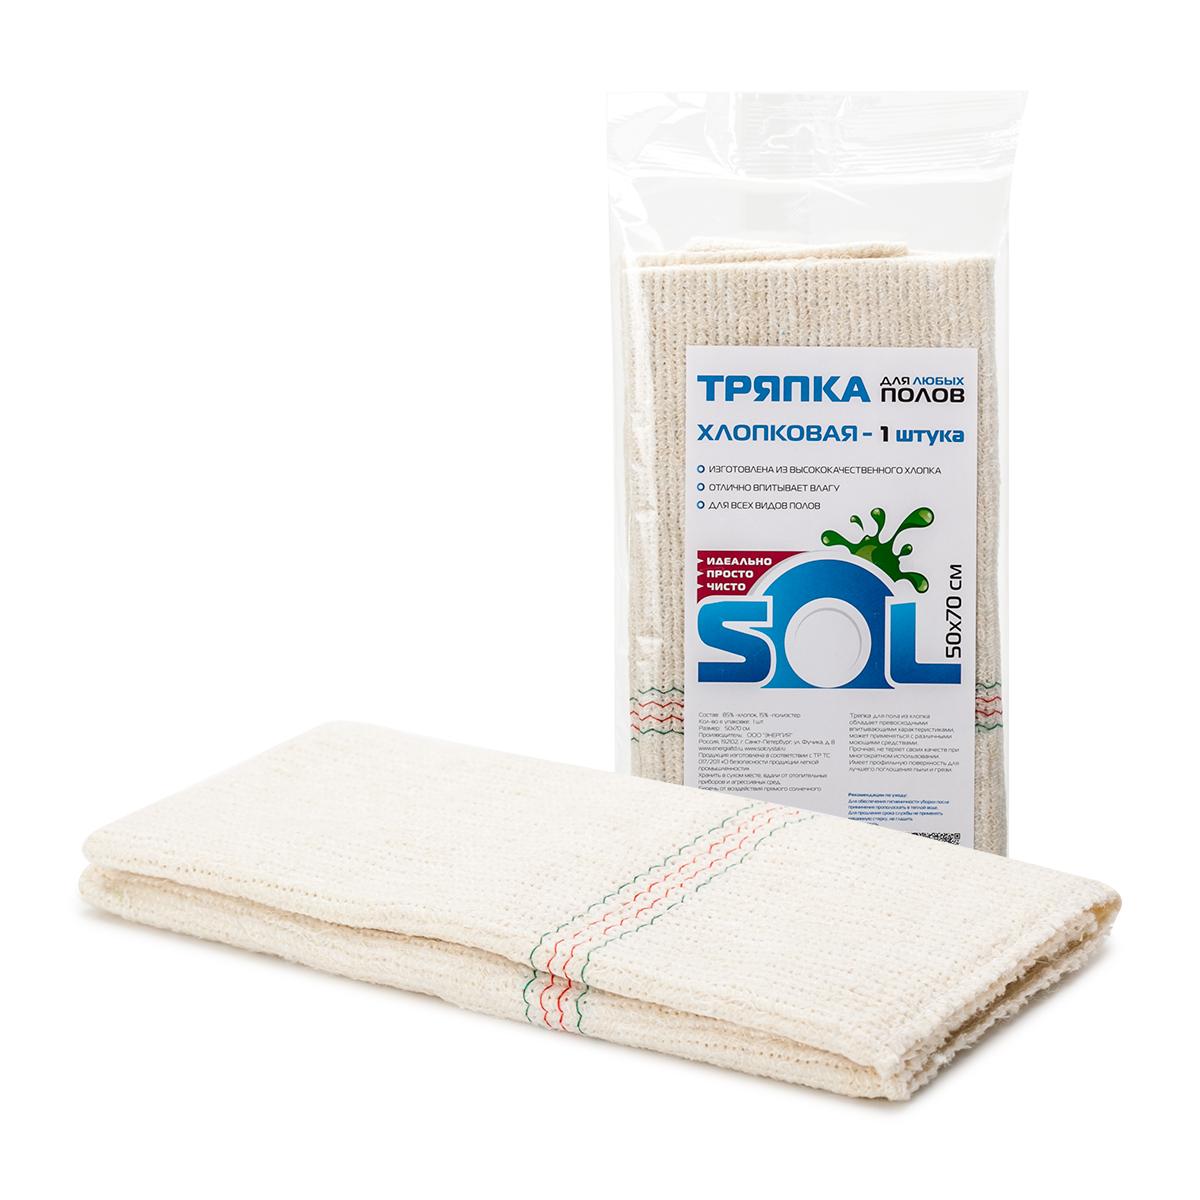 Салфетка для уборки Sol, для пола , 50 x 70 см. 1001110011/10048Состав: 85% хлопок, 15% полиэстер; плотность: 220 гр/м2; цвет: белый